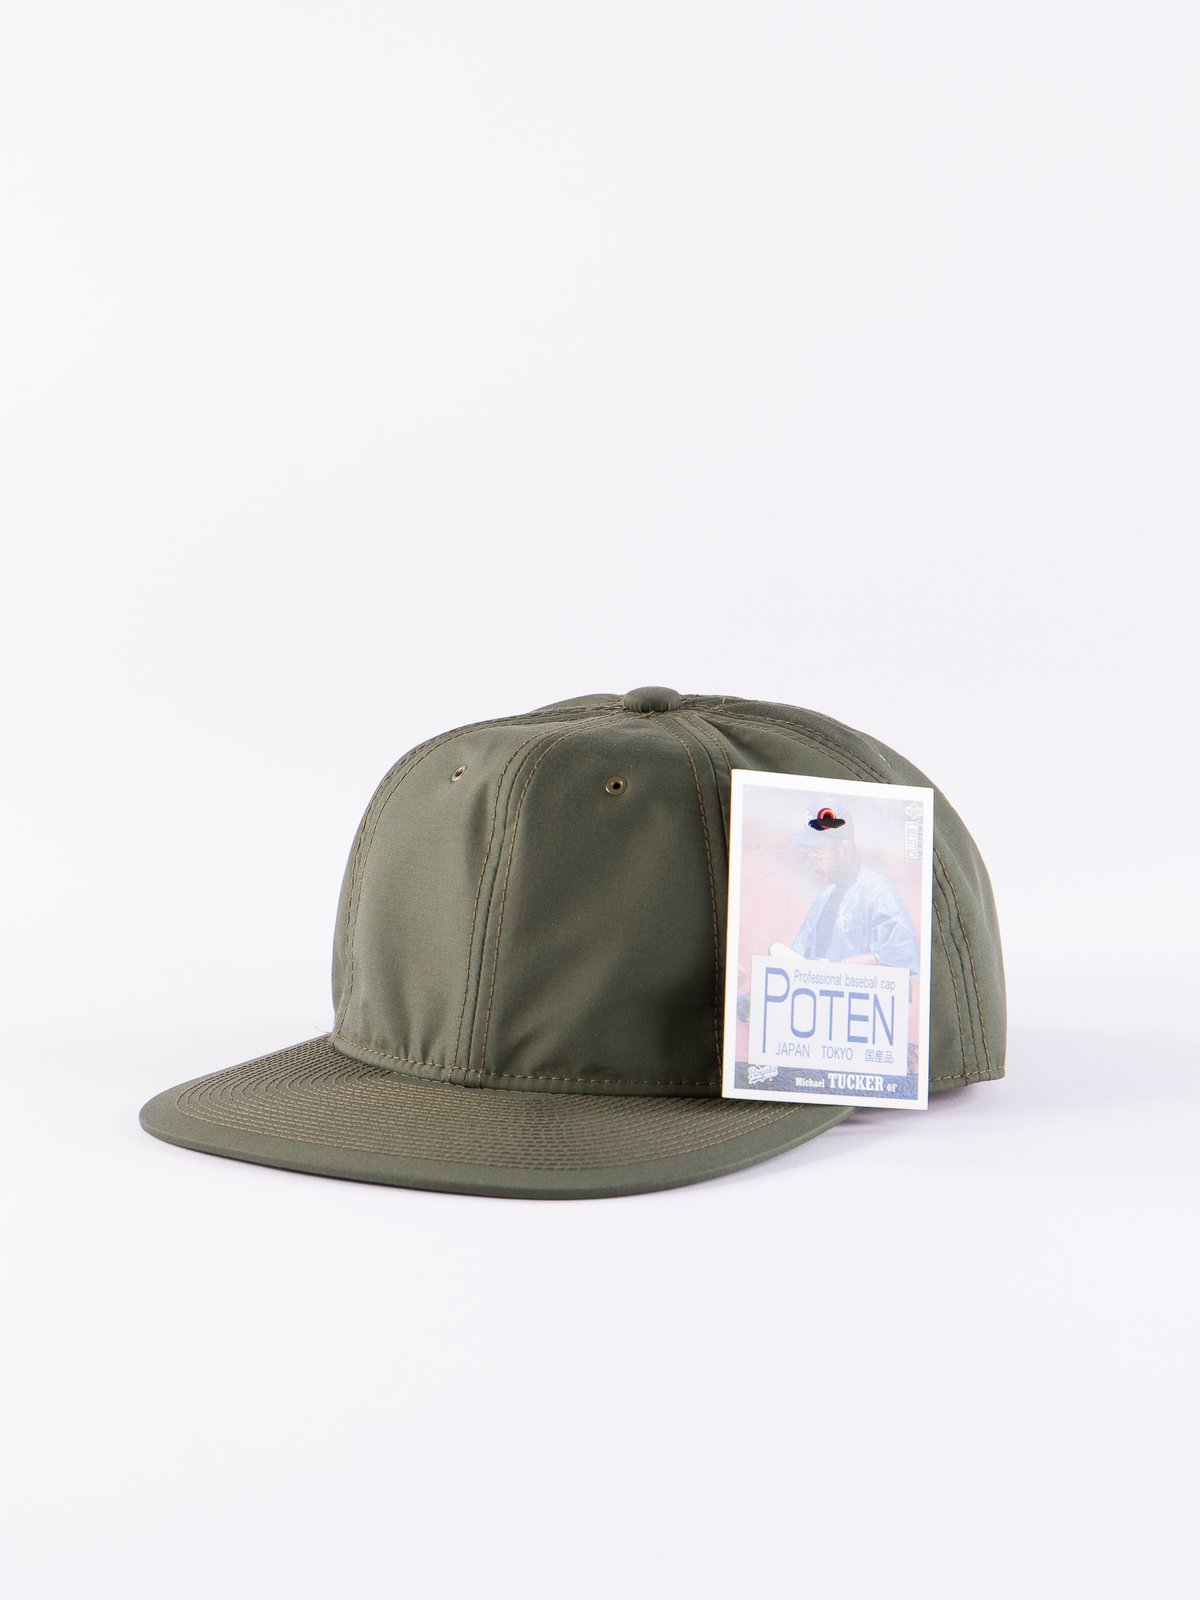 Olive Waterproof Cap - Image 1